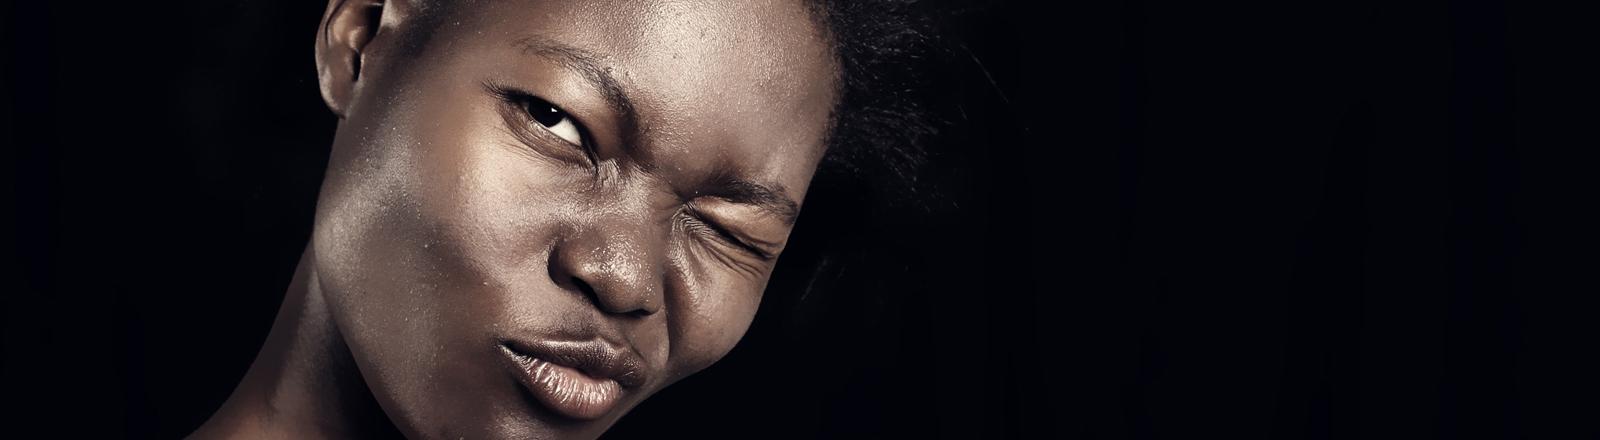 Eine junge Frau mit dunkler Hautfarbe kneift das Auge zusammen.